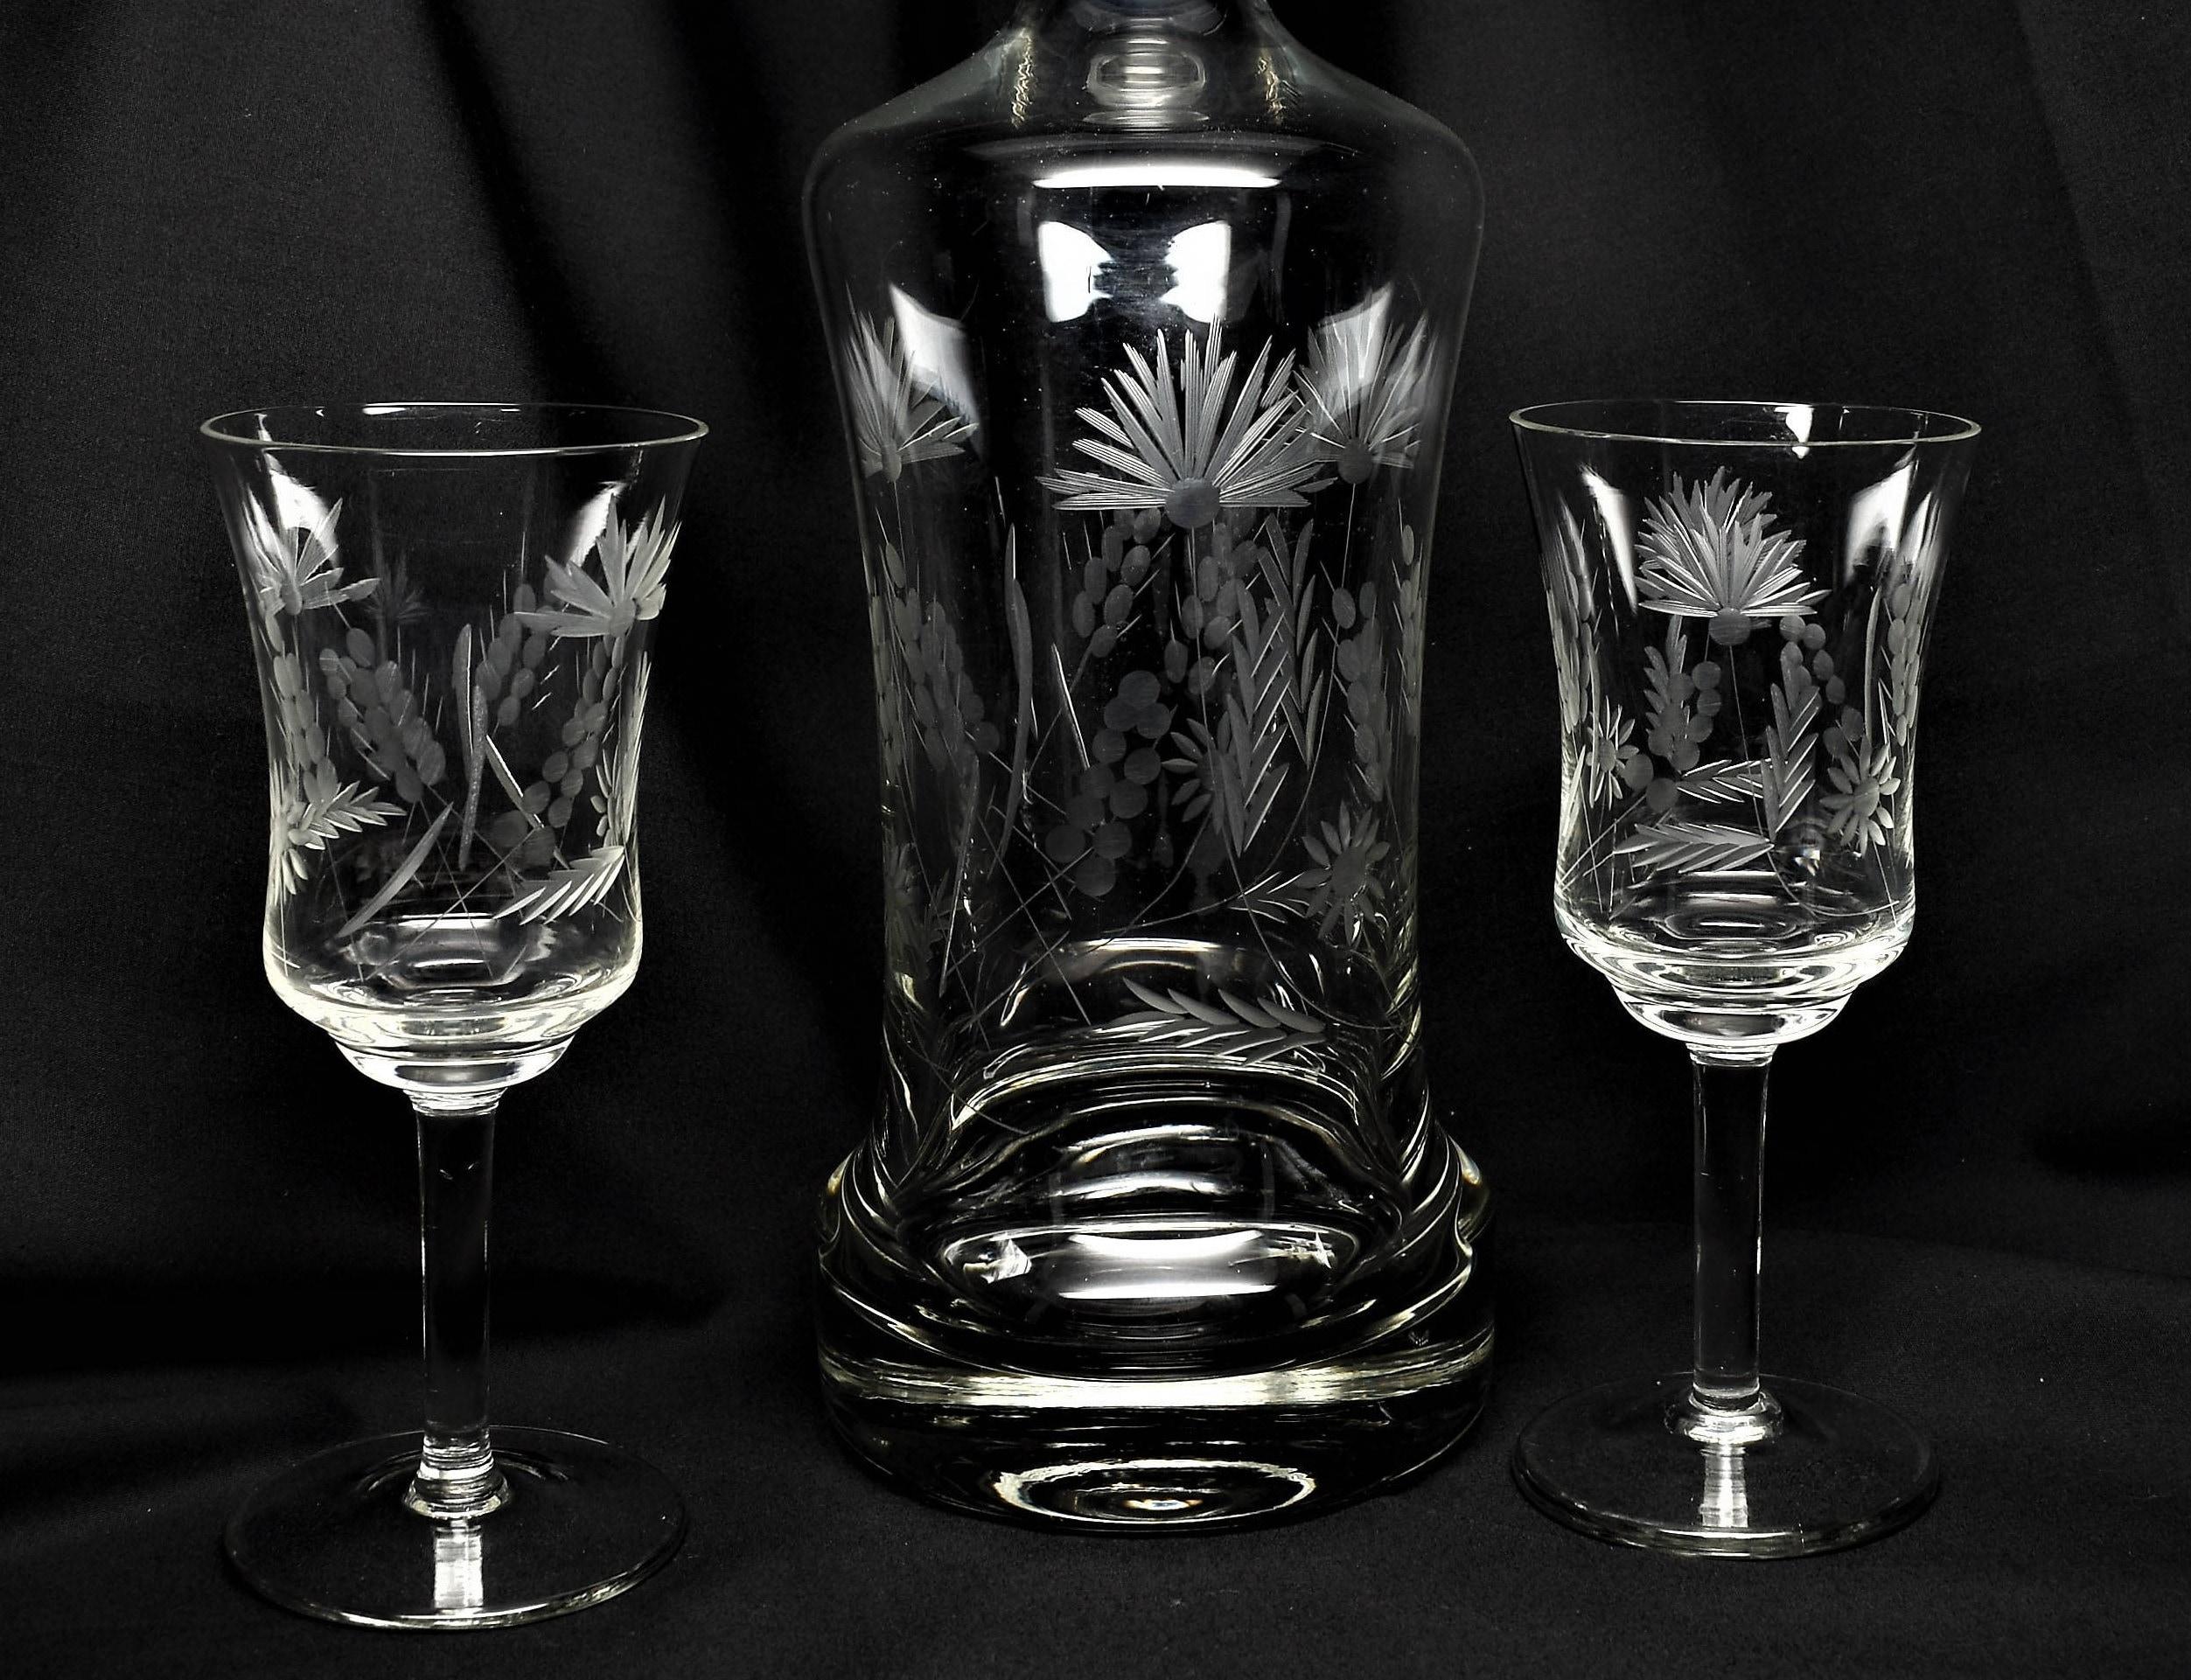 crystal etched wine decanter set. Black Bedroom Furniture Sets. Home Design Ideas